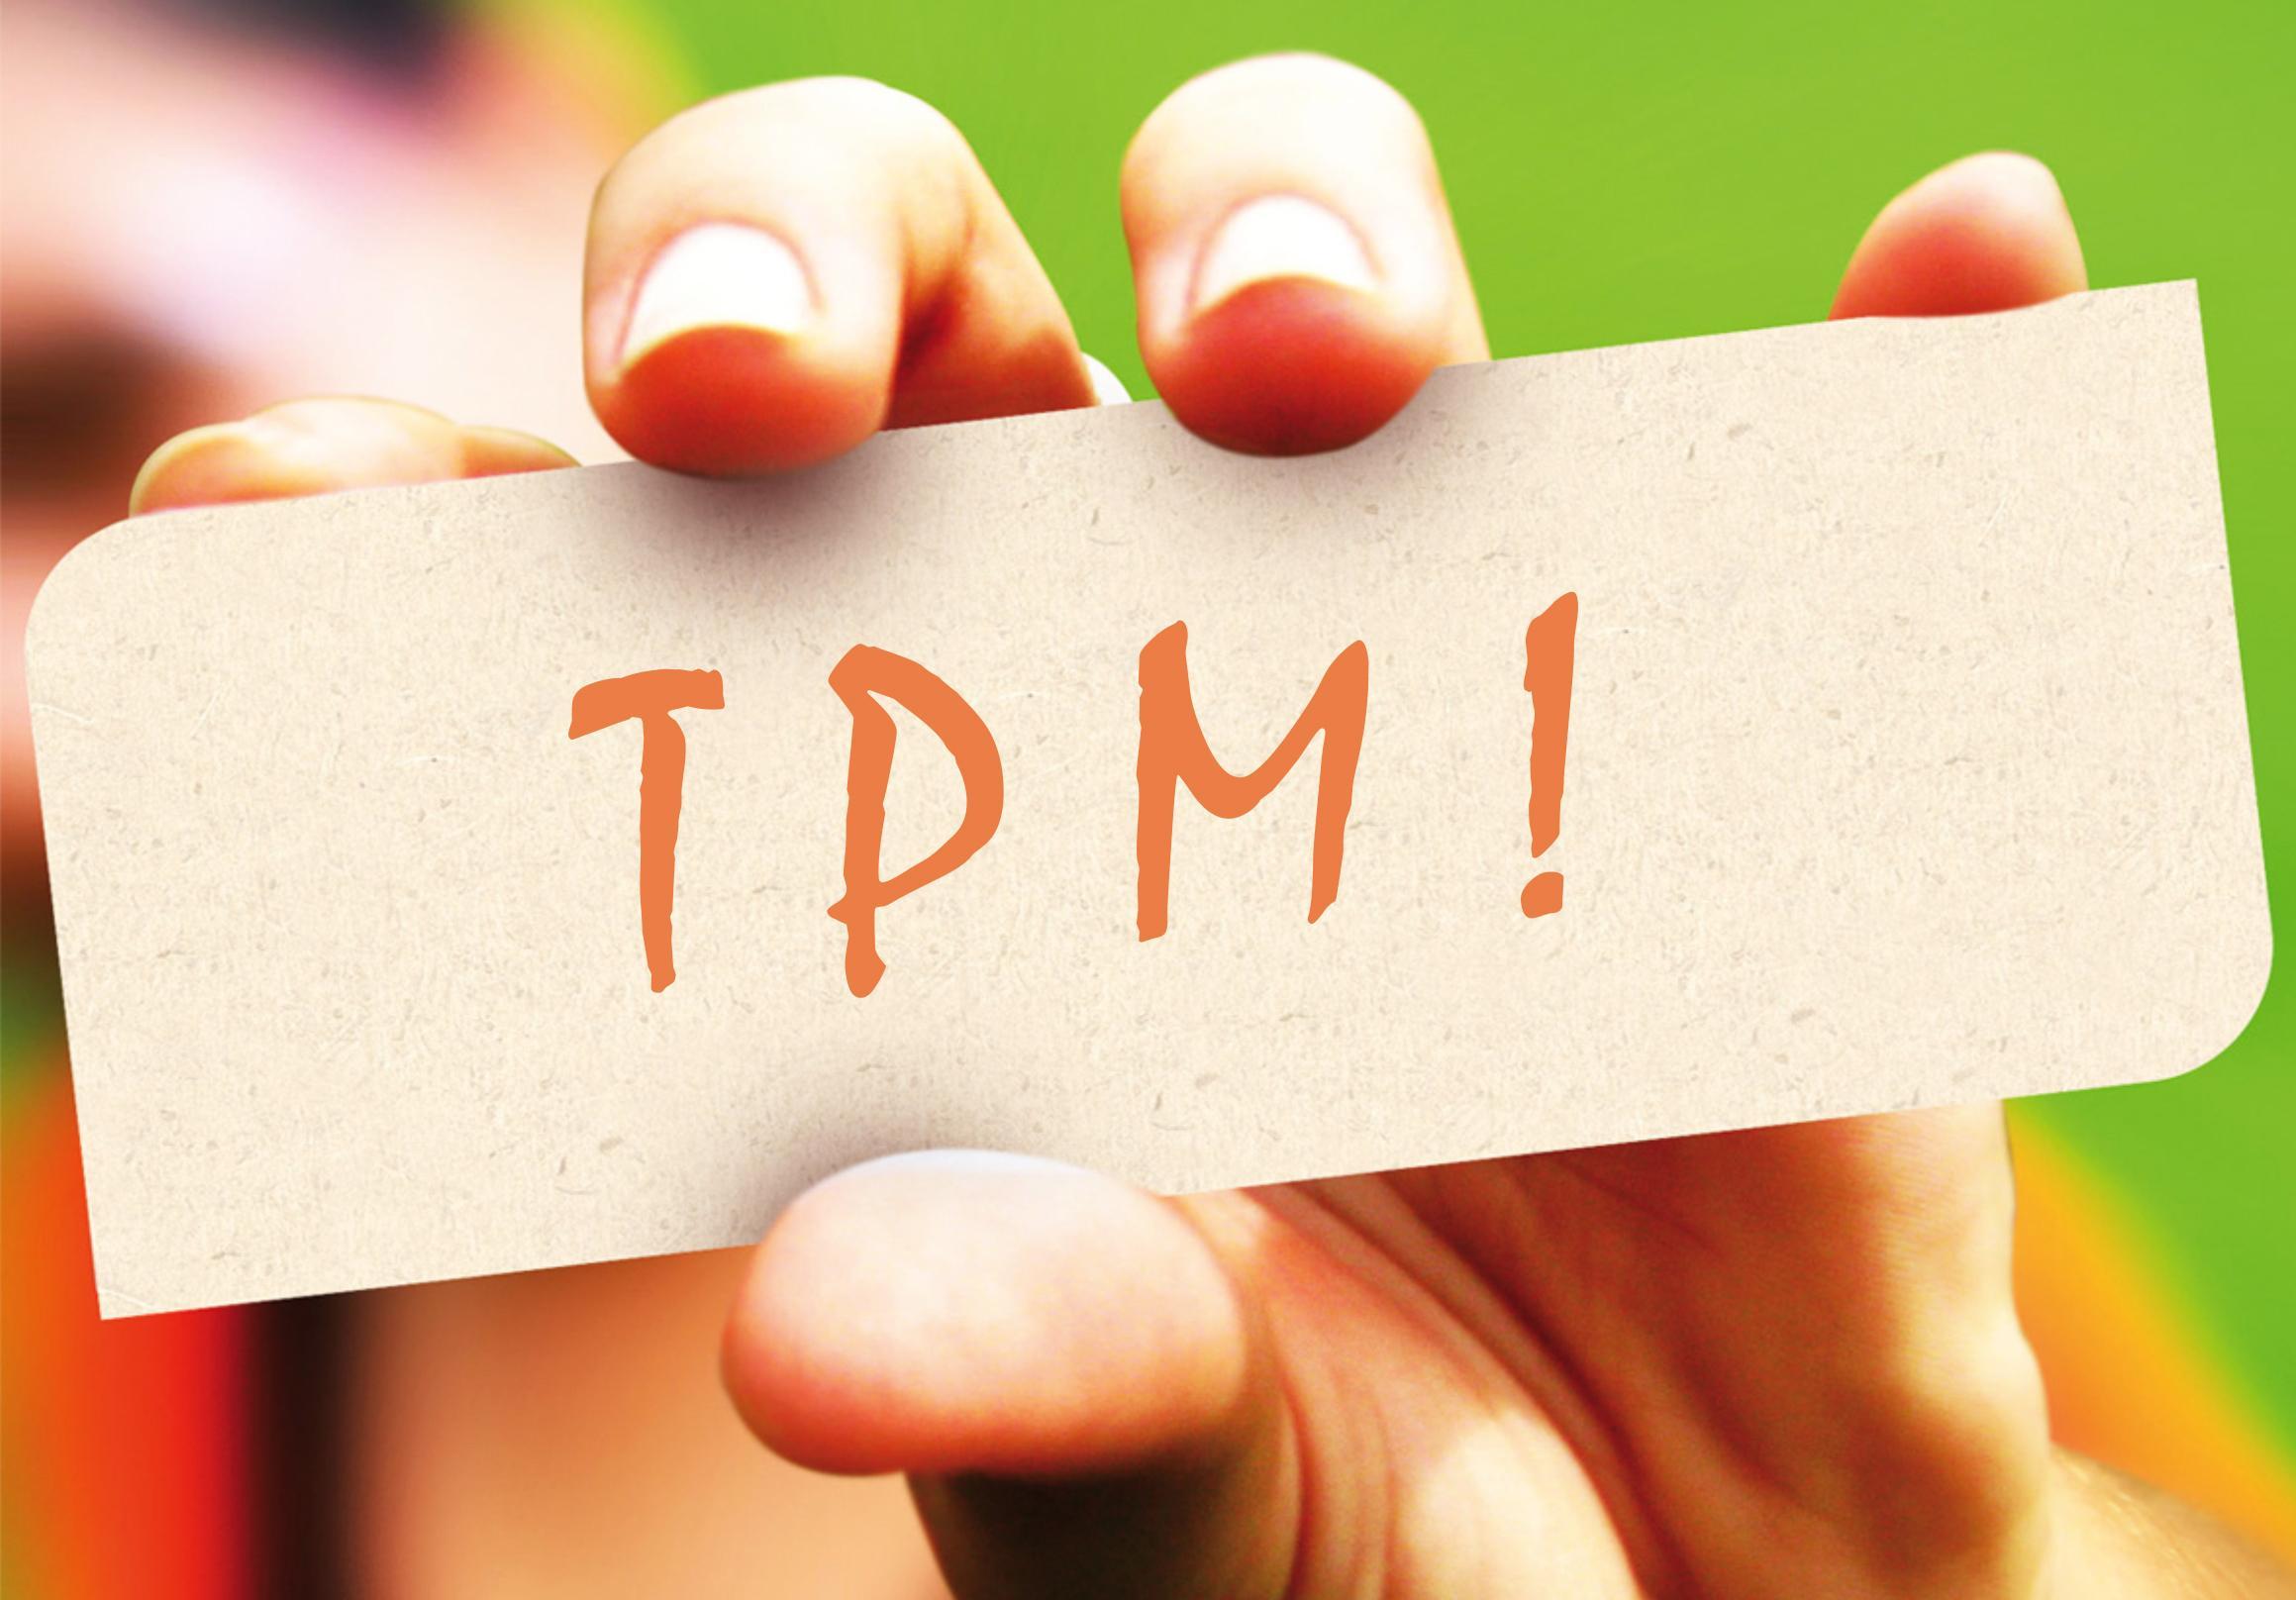 Tensão Pré-Menstrual (TPM), Uma Realidade Que Afeta o Cotidiano de Milhares de Mulheres